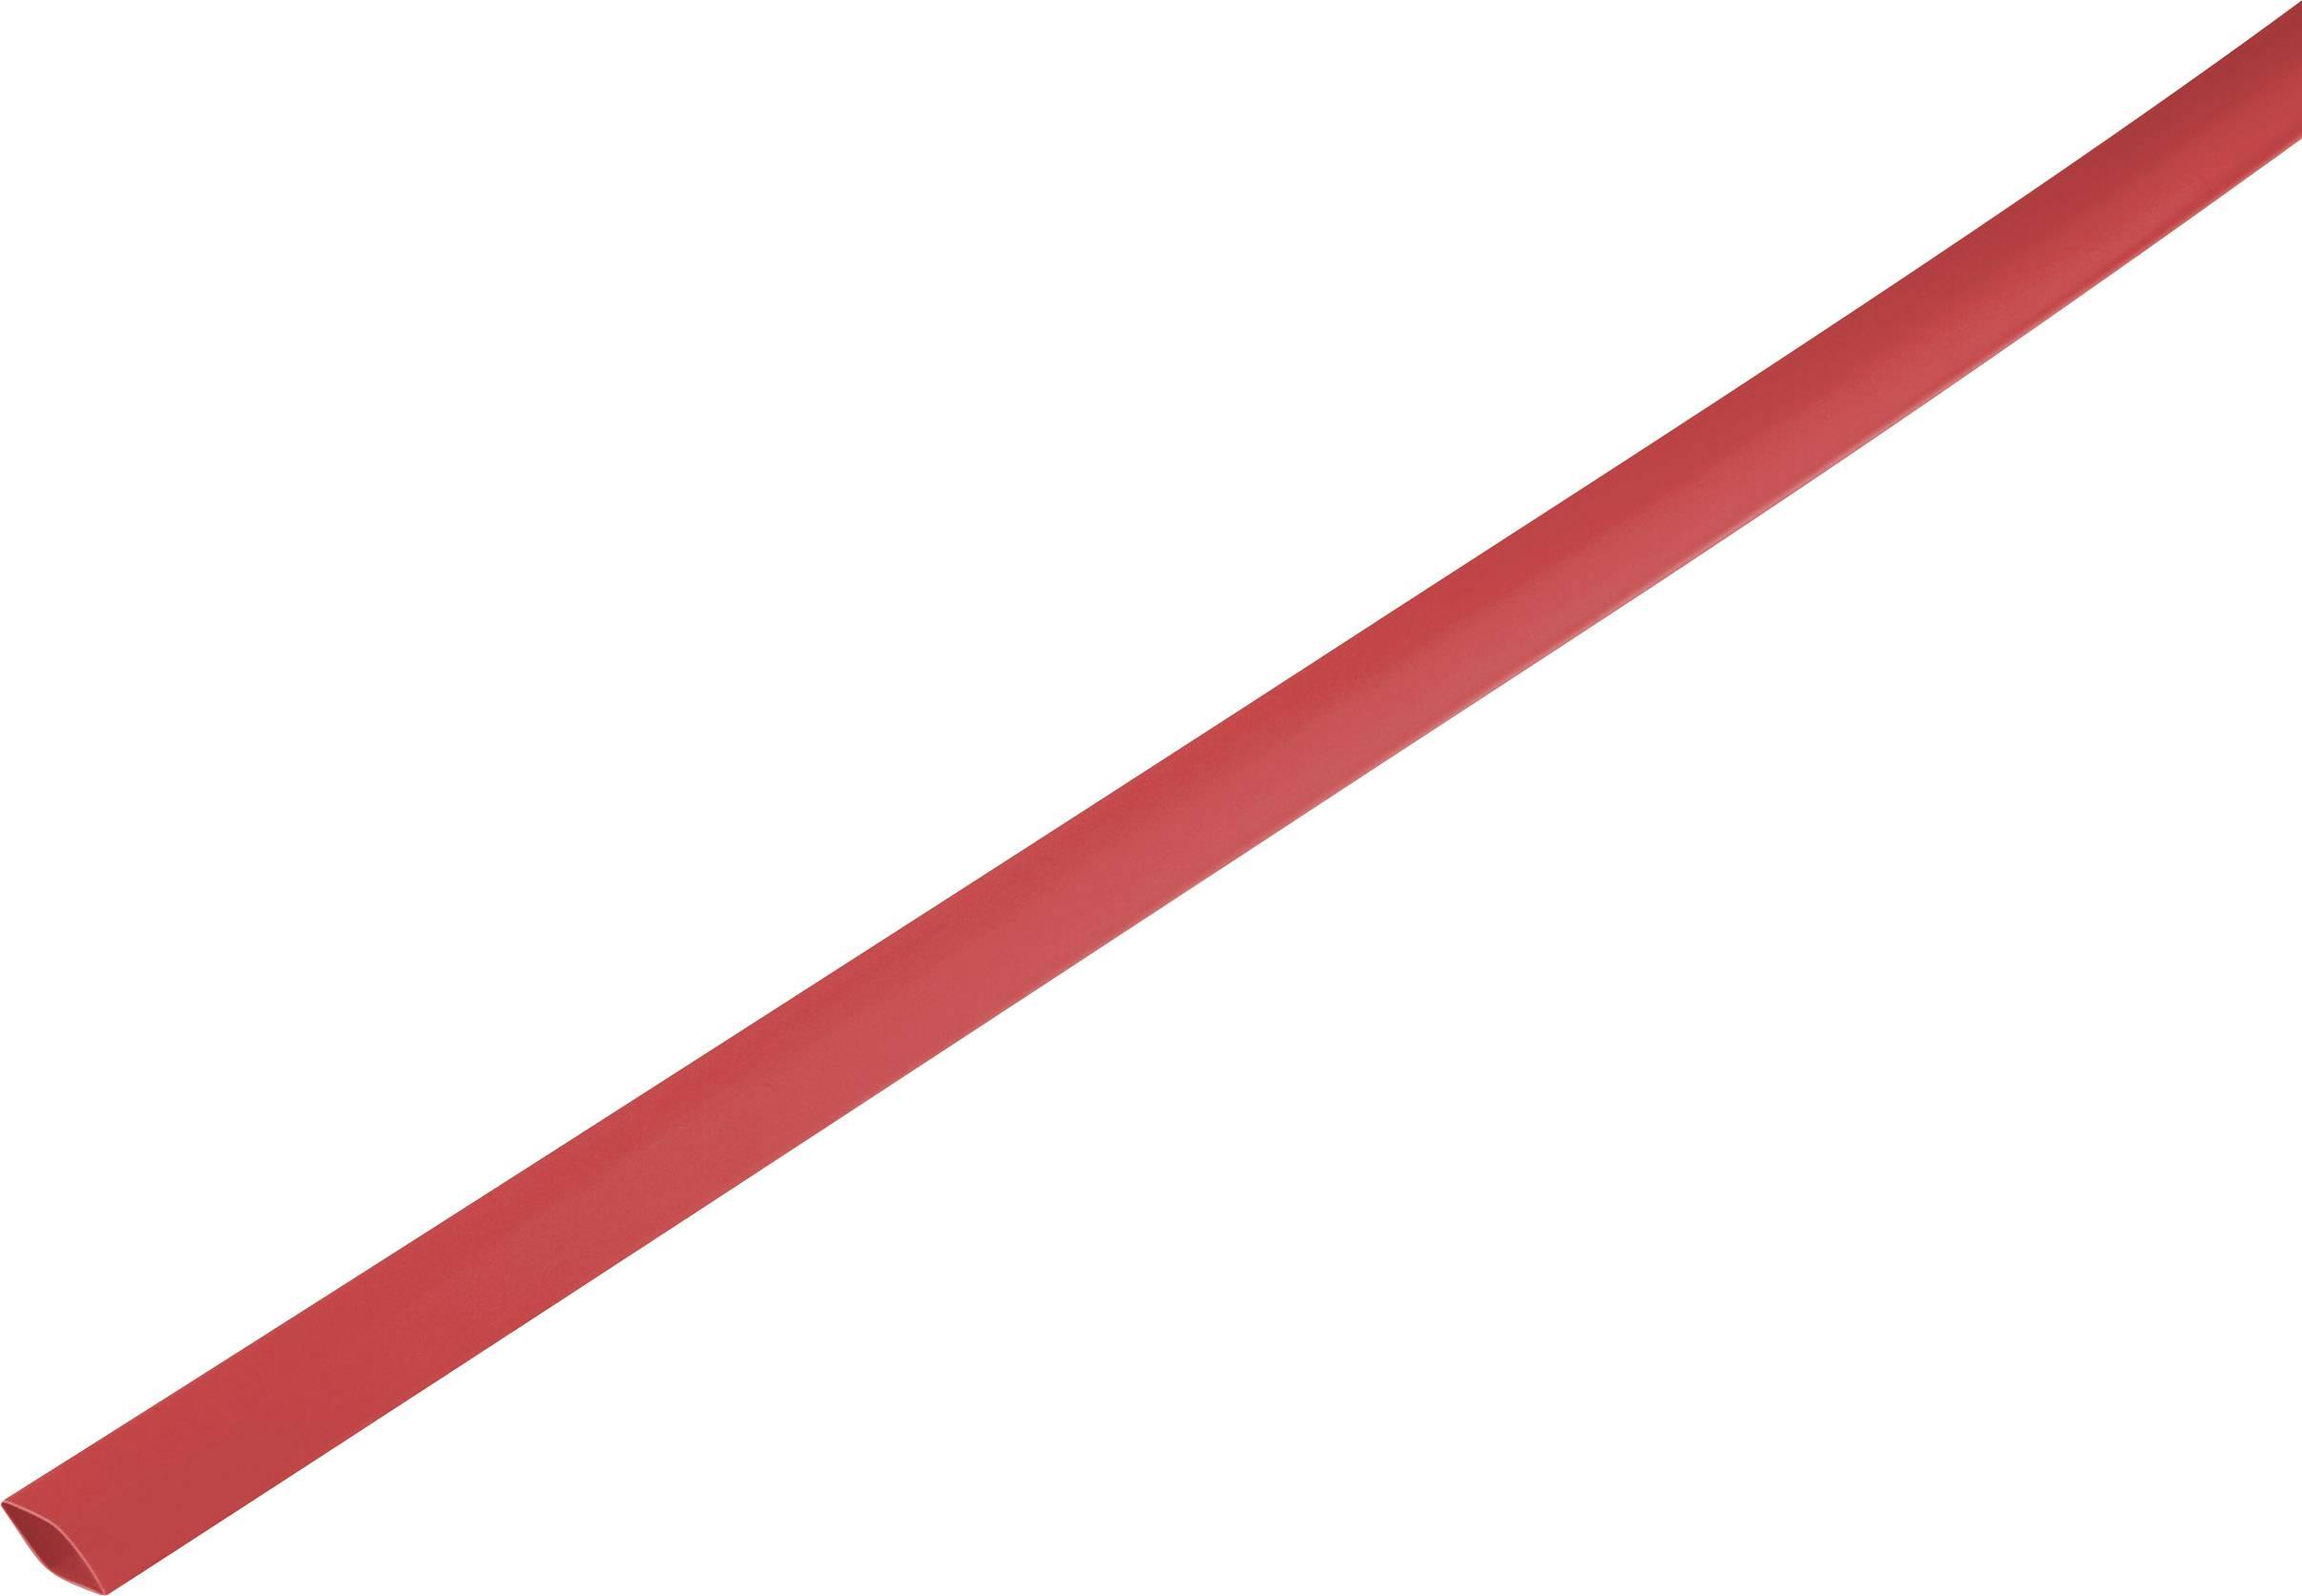 Zmršťovacia bužírka bez lepidla 1225445, 2:1, 2.50 mm, červená, metrový tovar